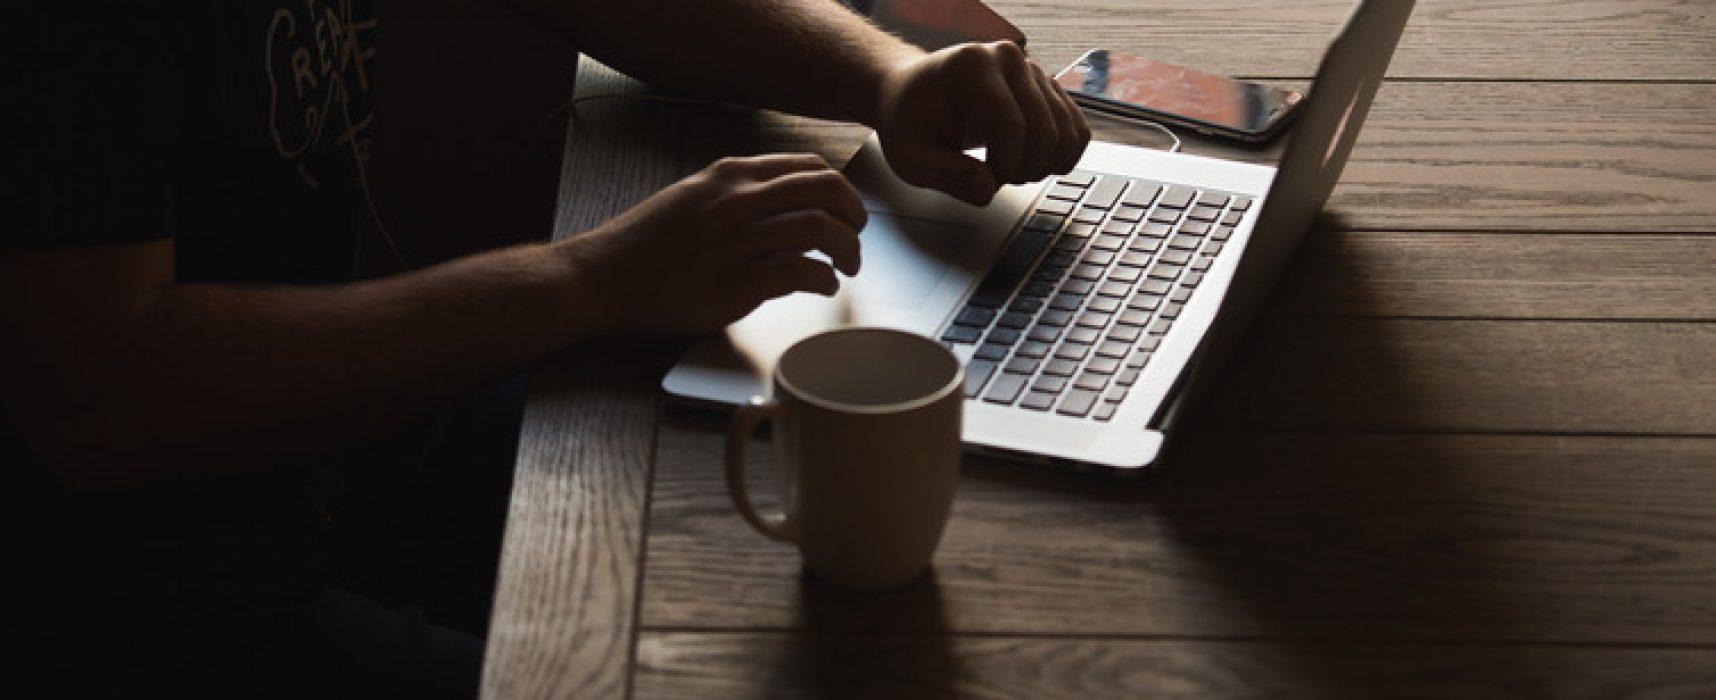 Pétitions en ligne: quelcrédit leuraccorder?